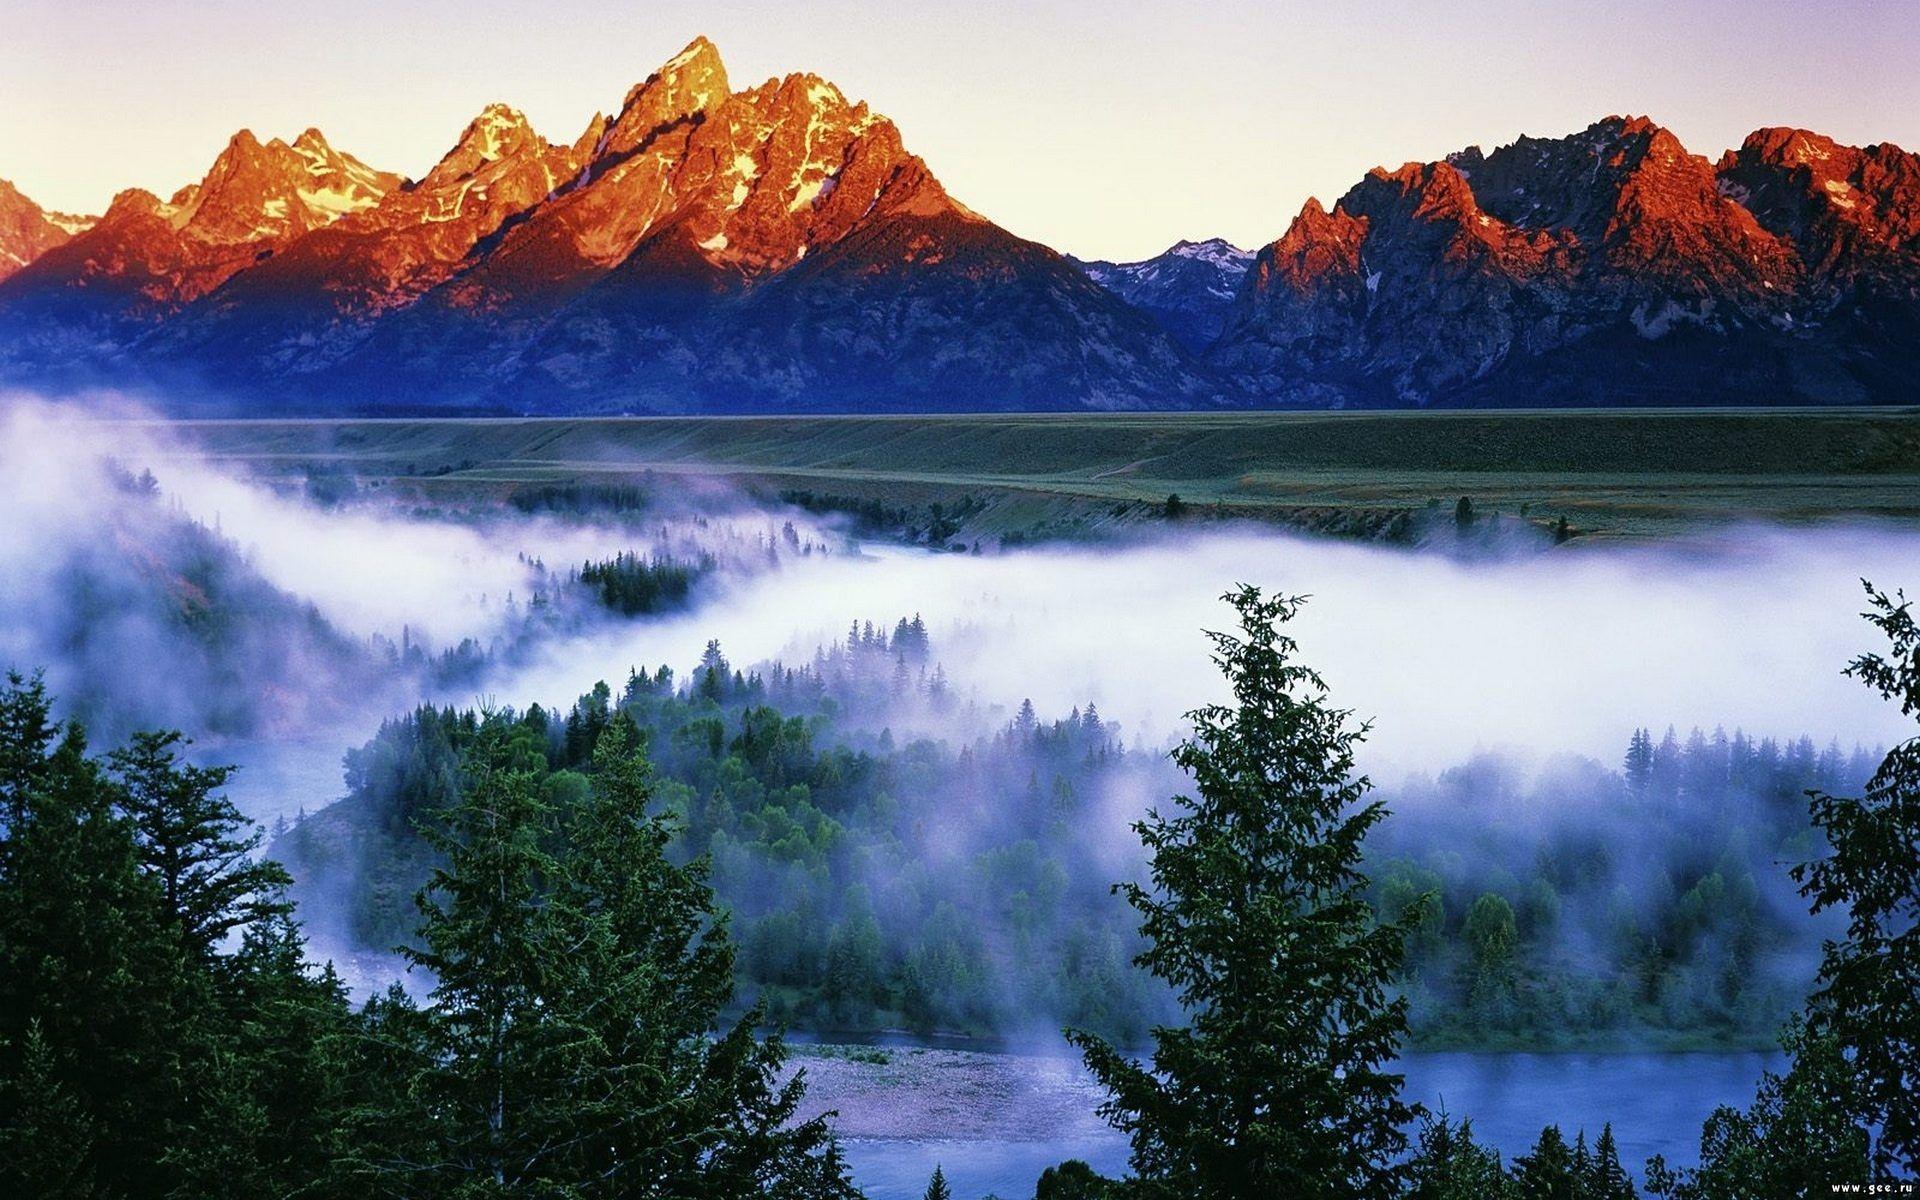 природа горы облака деревья река nature mountains clouds trees river  № 1000562 загрузить